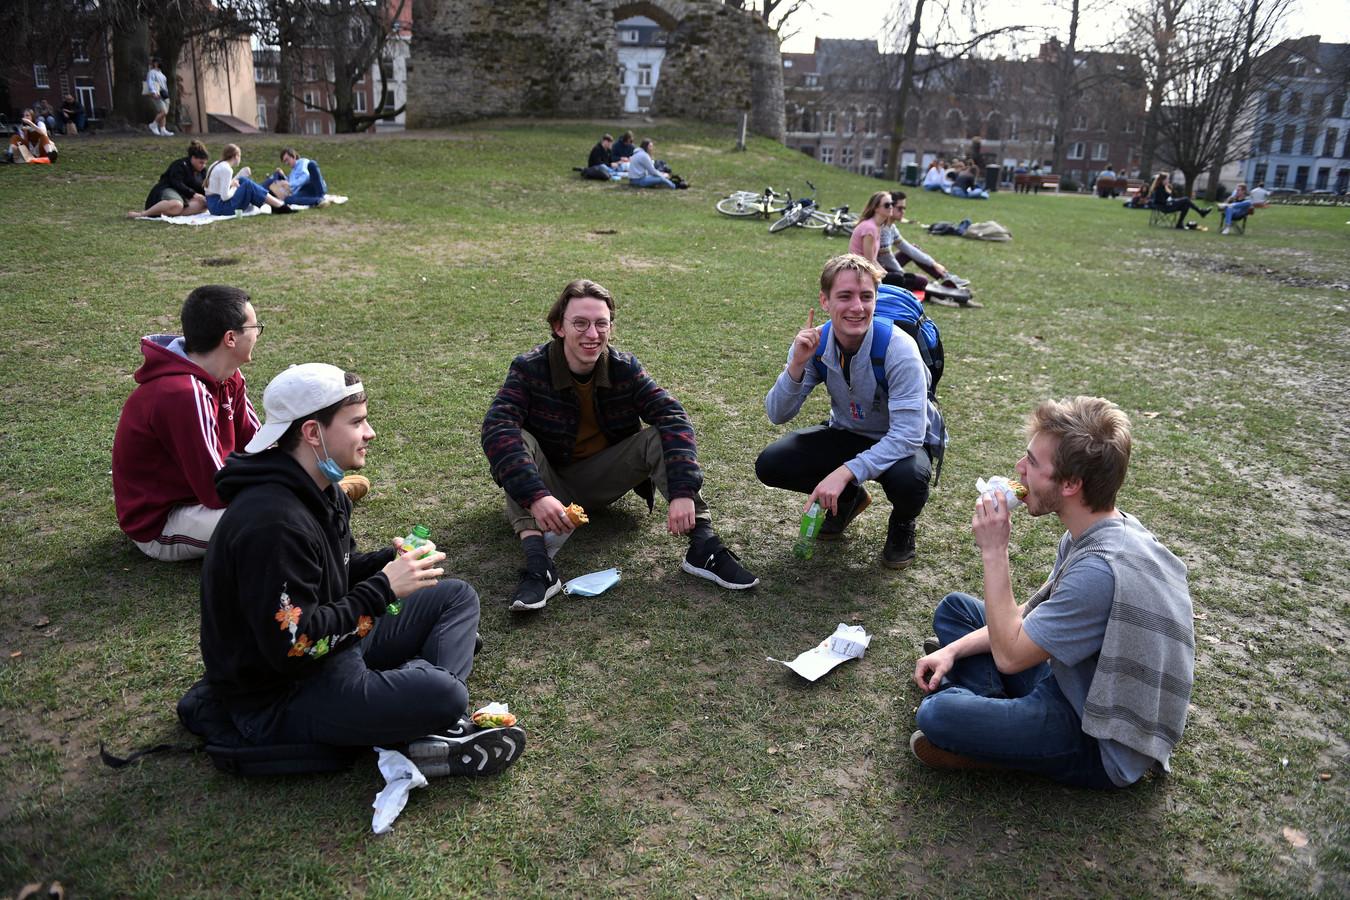 Laatstejaarsstudenten Tommy (22), Simon (23), Ivo (22), Etienne (22) en Timo (22) in het Leuvense stadspark, waar de rust is teruggekeerd